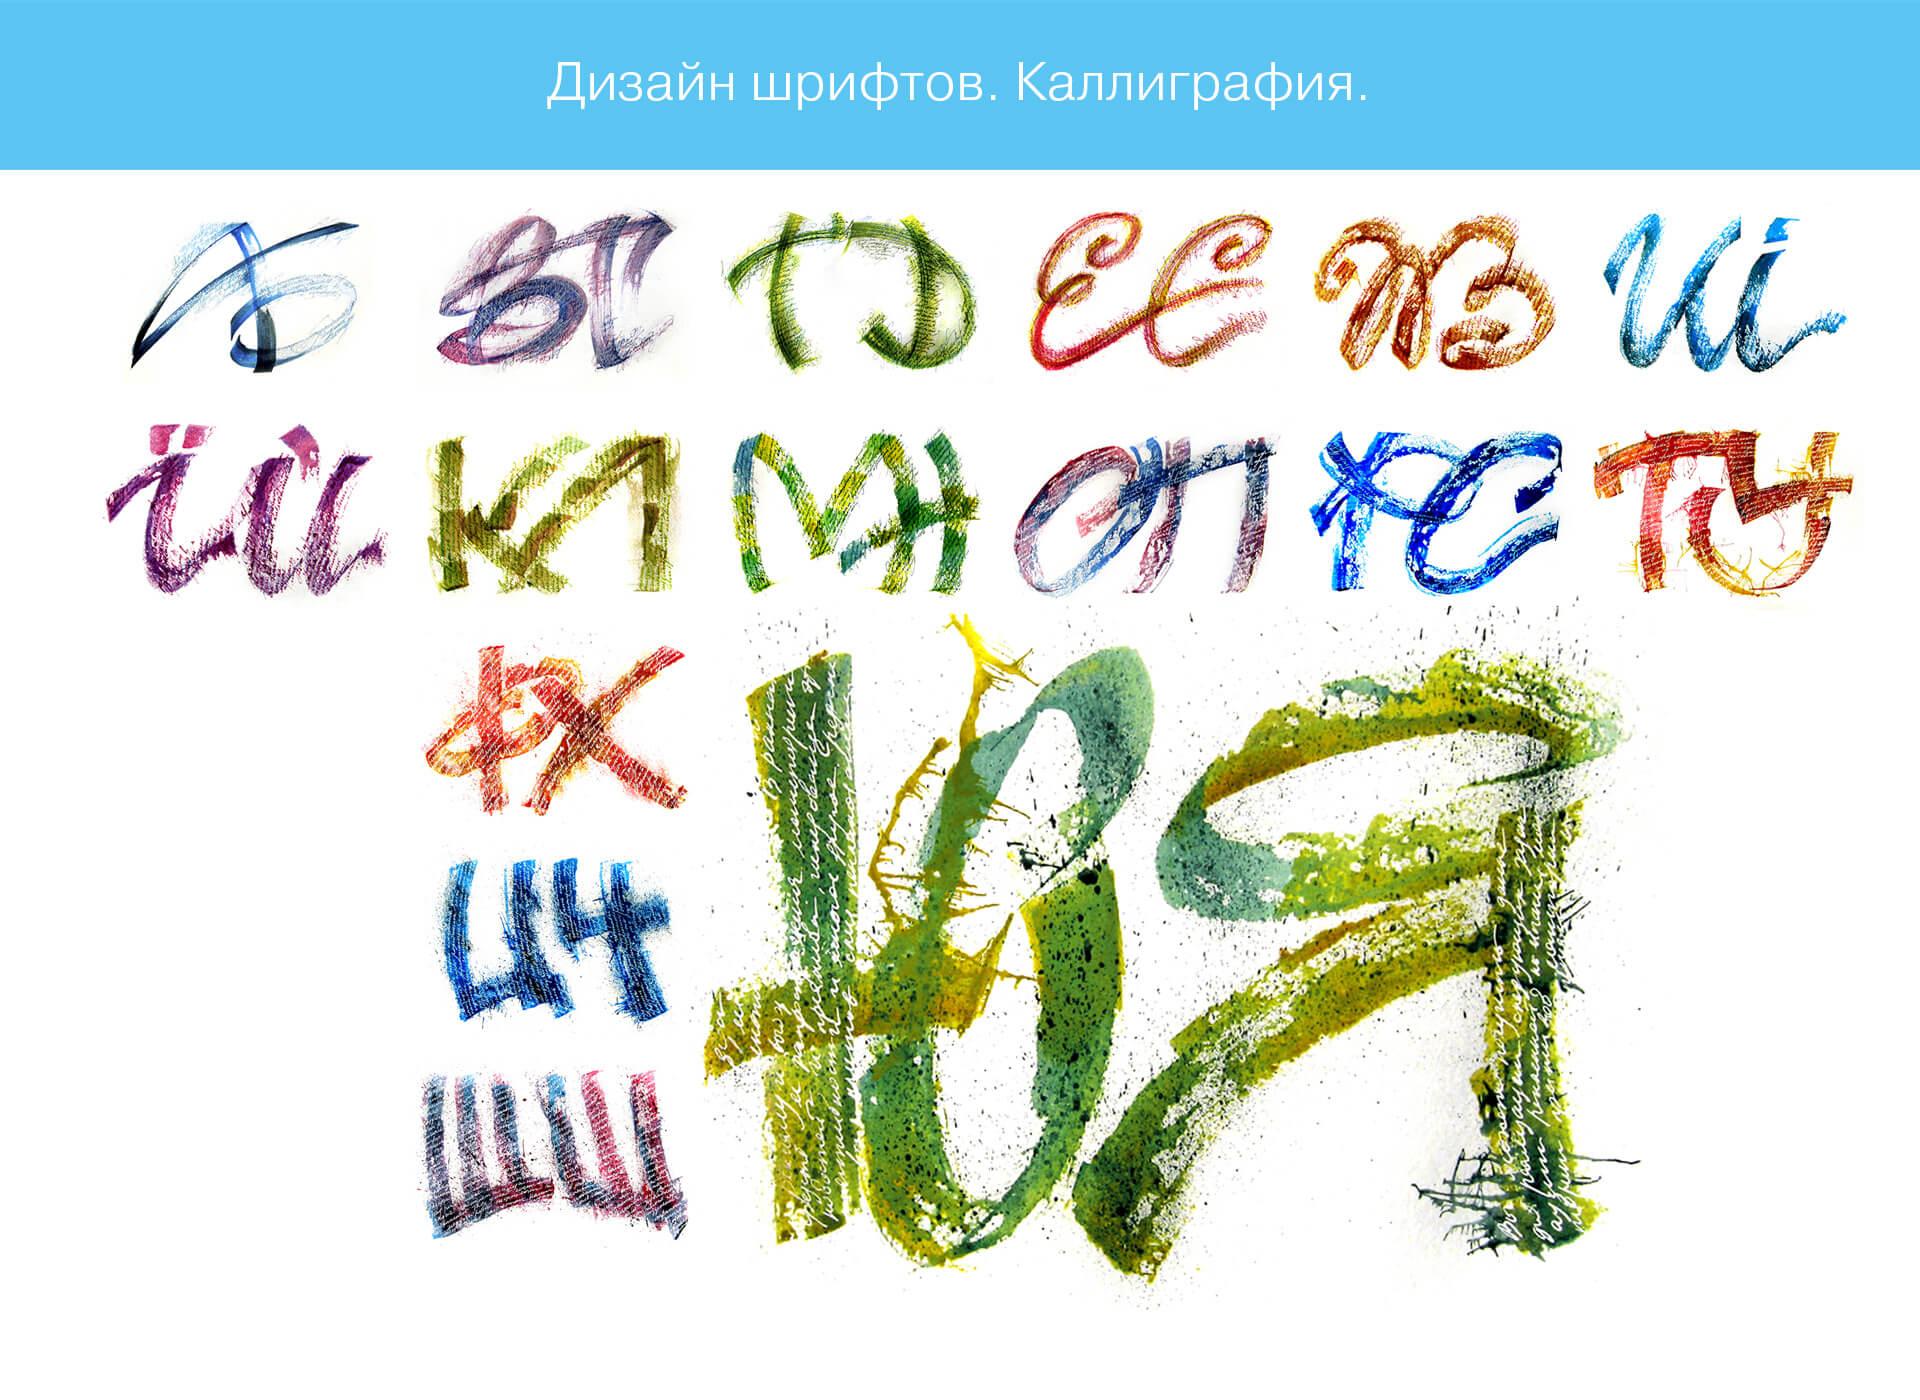 Prokochuk_Irina_font design_calligraphy_1